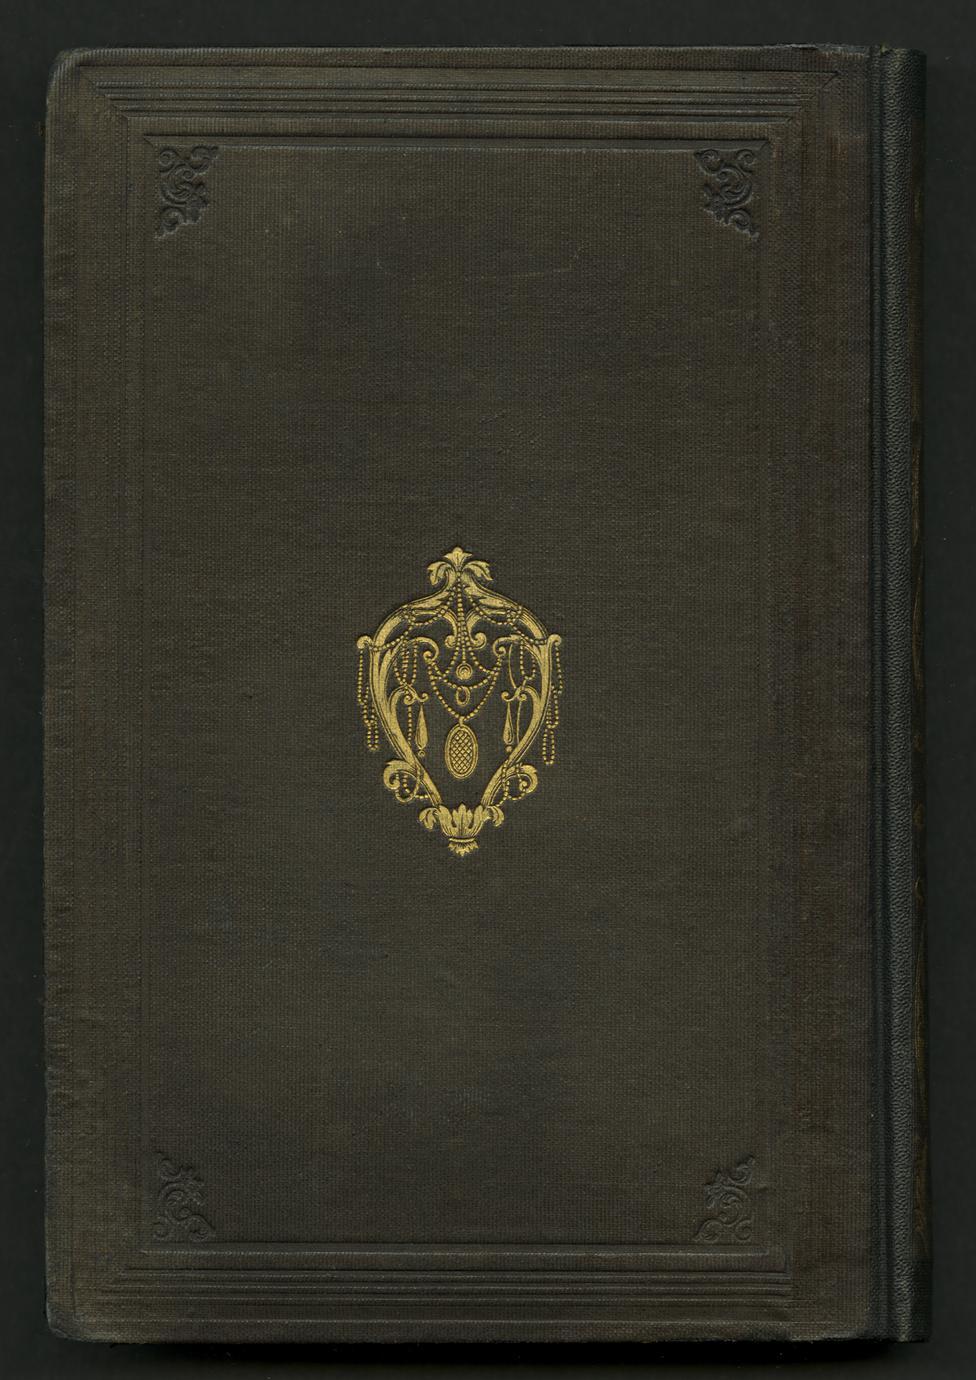 The diosma, a perennial (1 of 2)